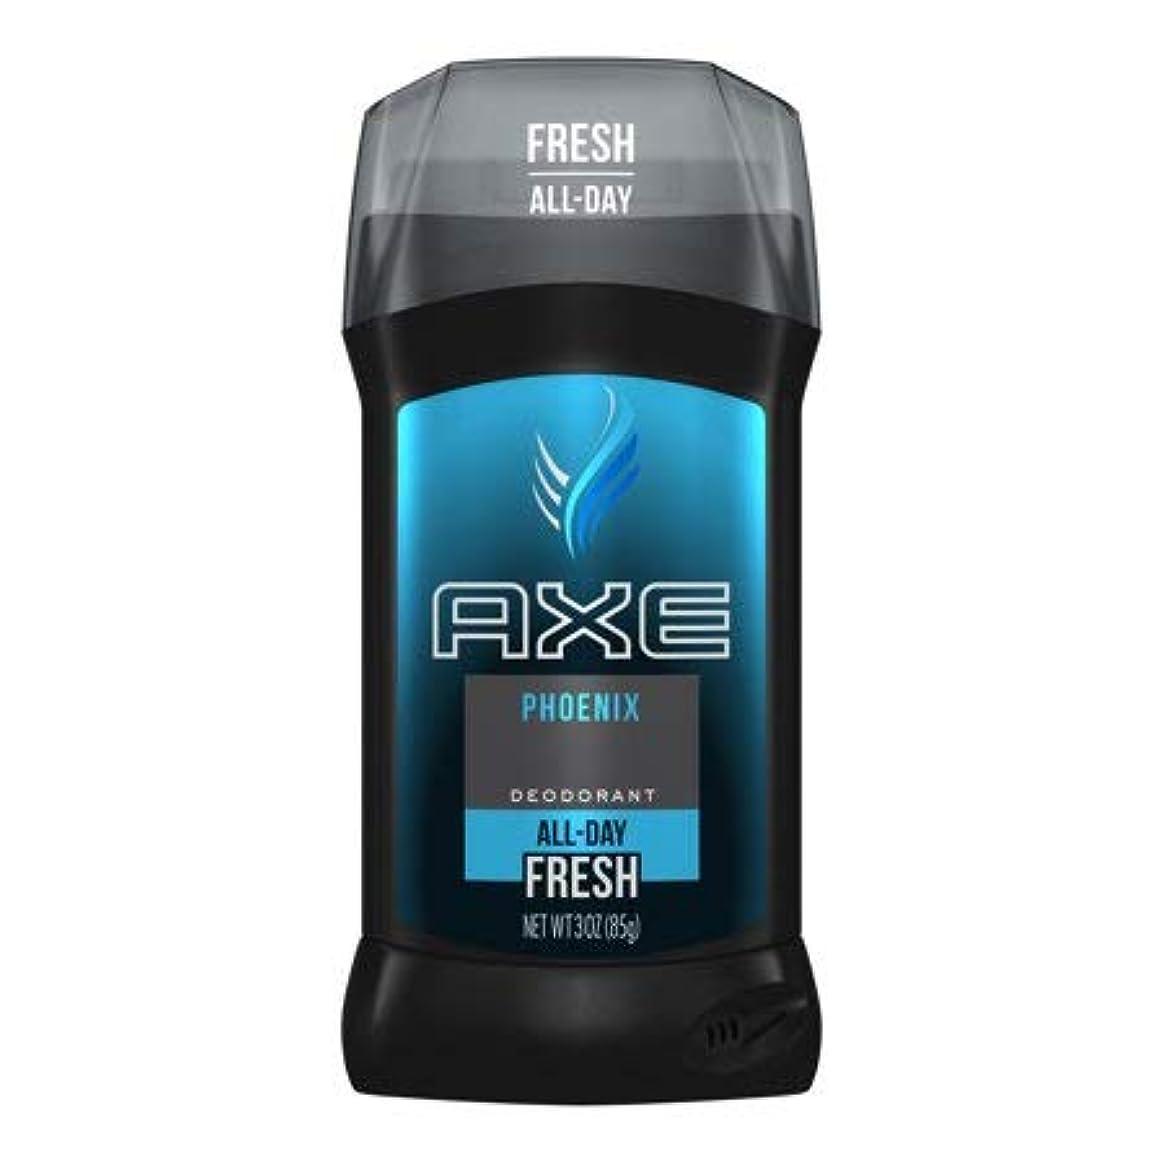 キルトコック光のAXE Phoenix Deodorant Stick Fresh 3 oz アクセ フェニックス フレッシュ デオドラント 海外直送品 [並行輸入品]